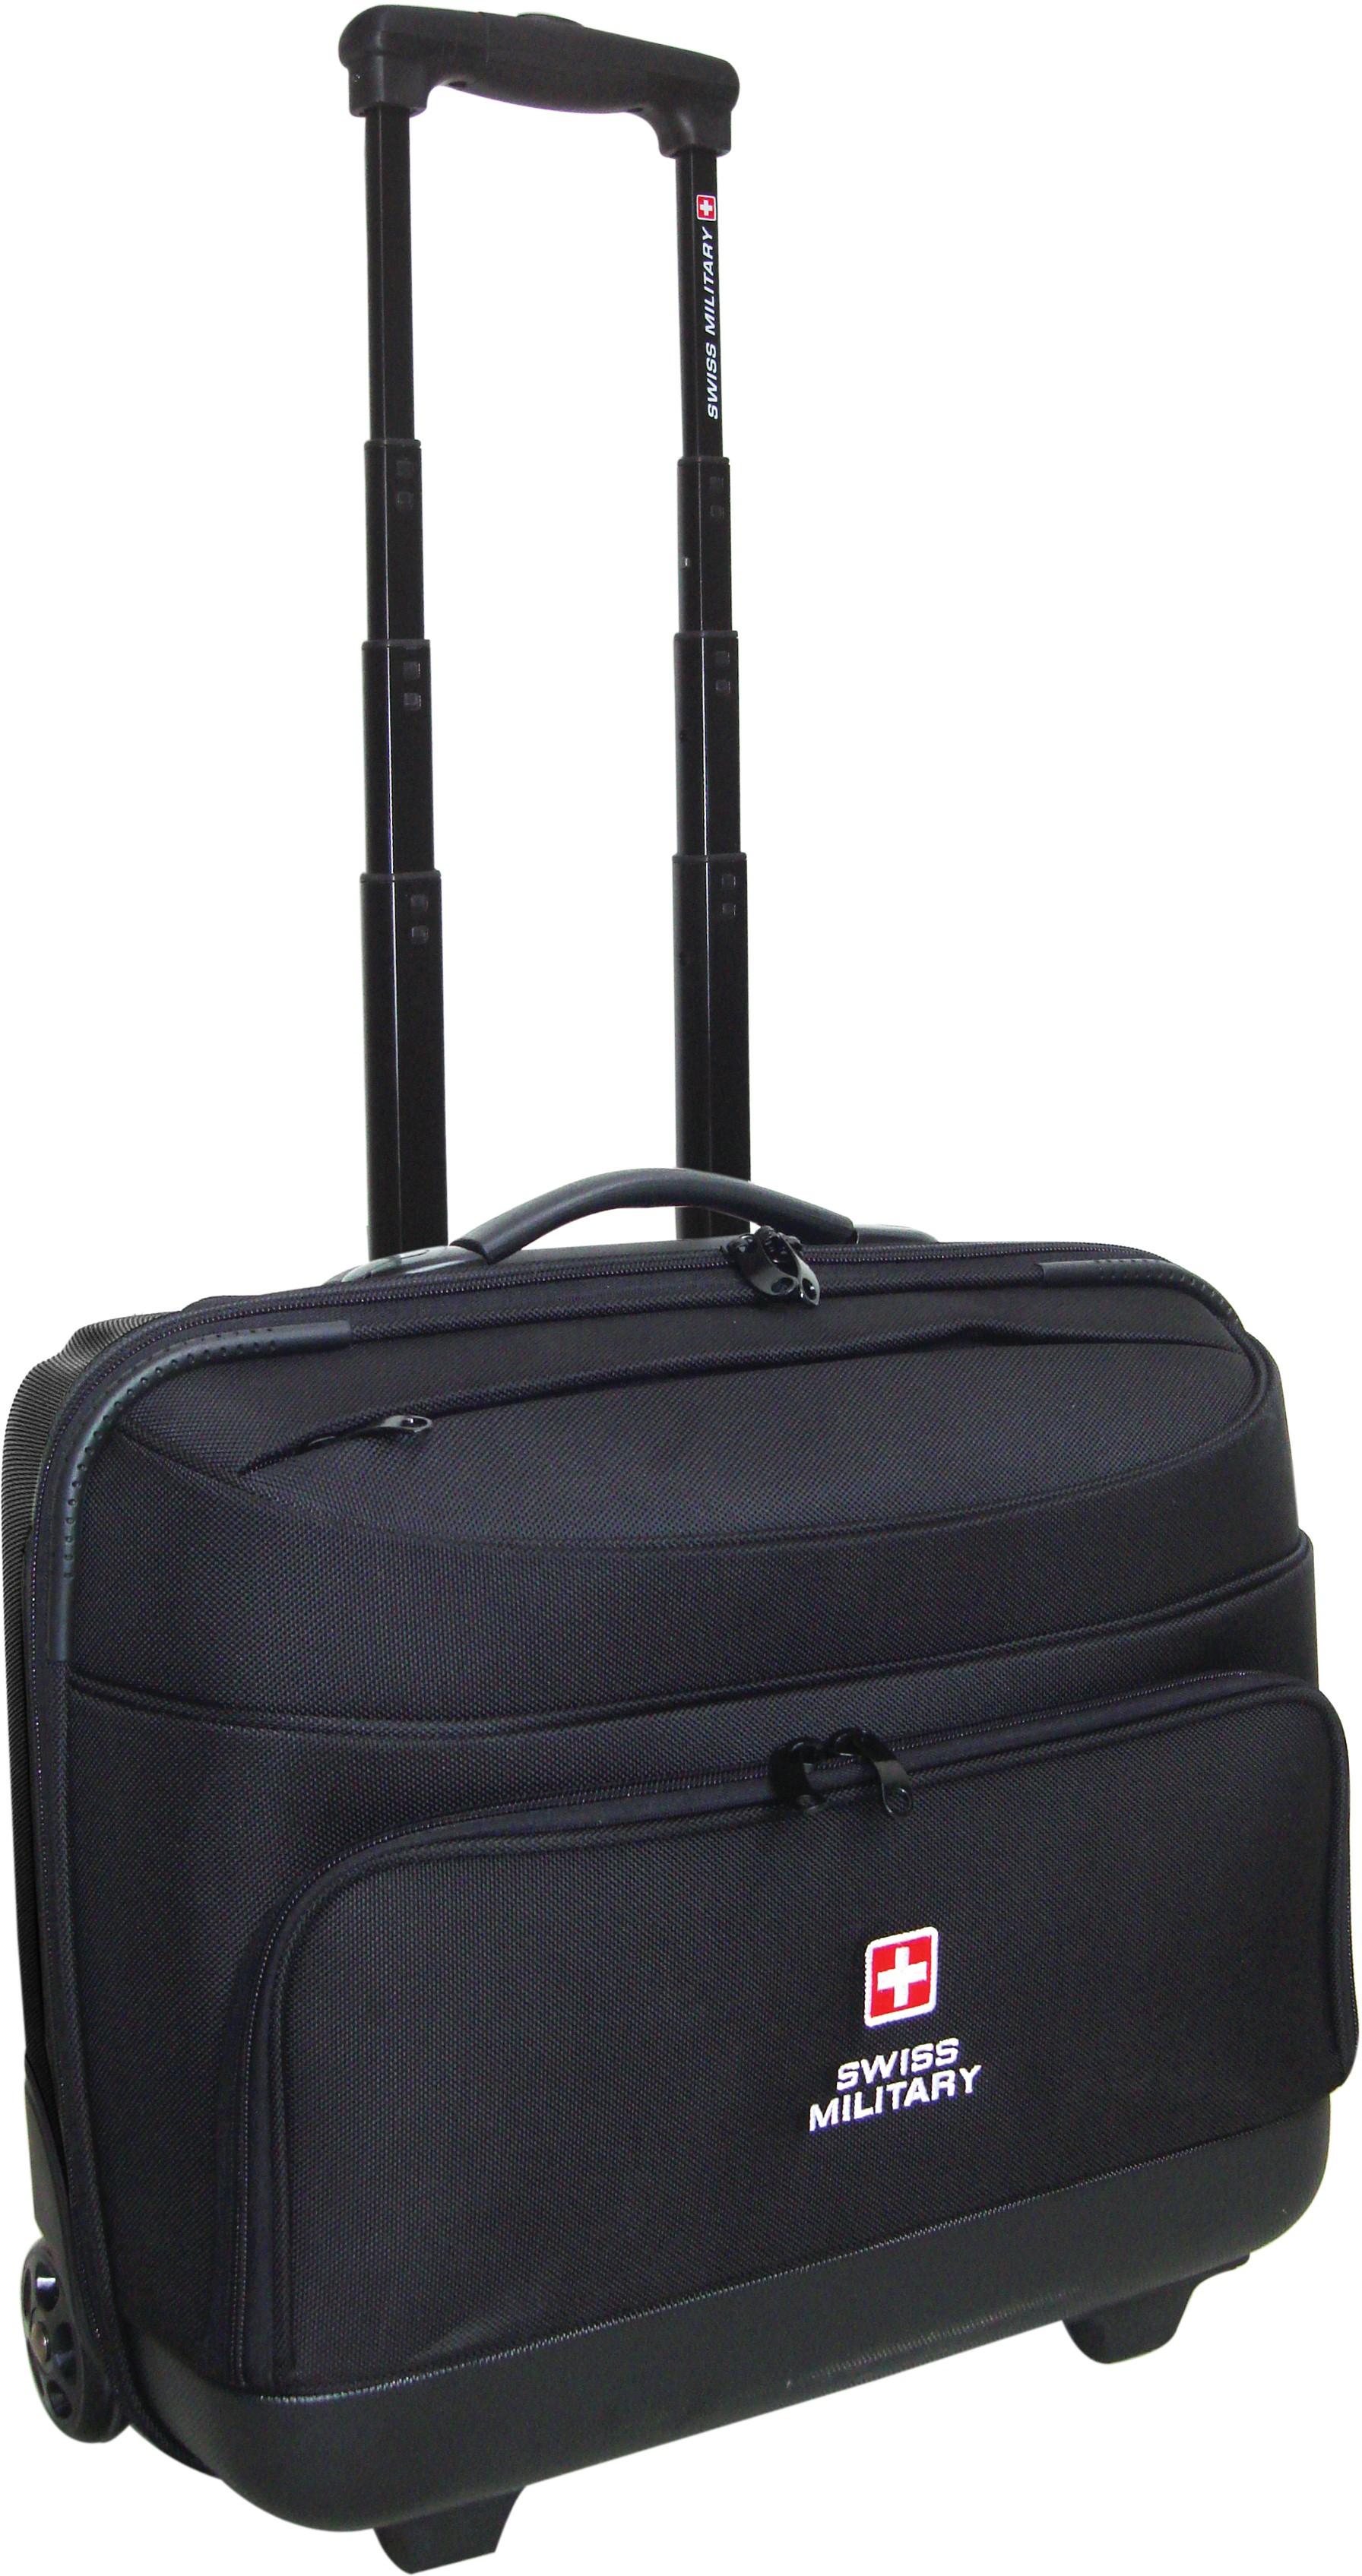 Swiss Military Hard Luggage in Bengaluru